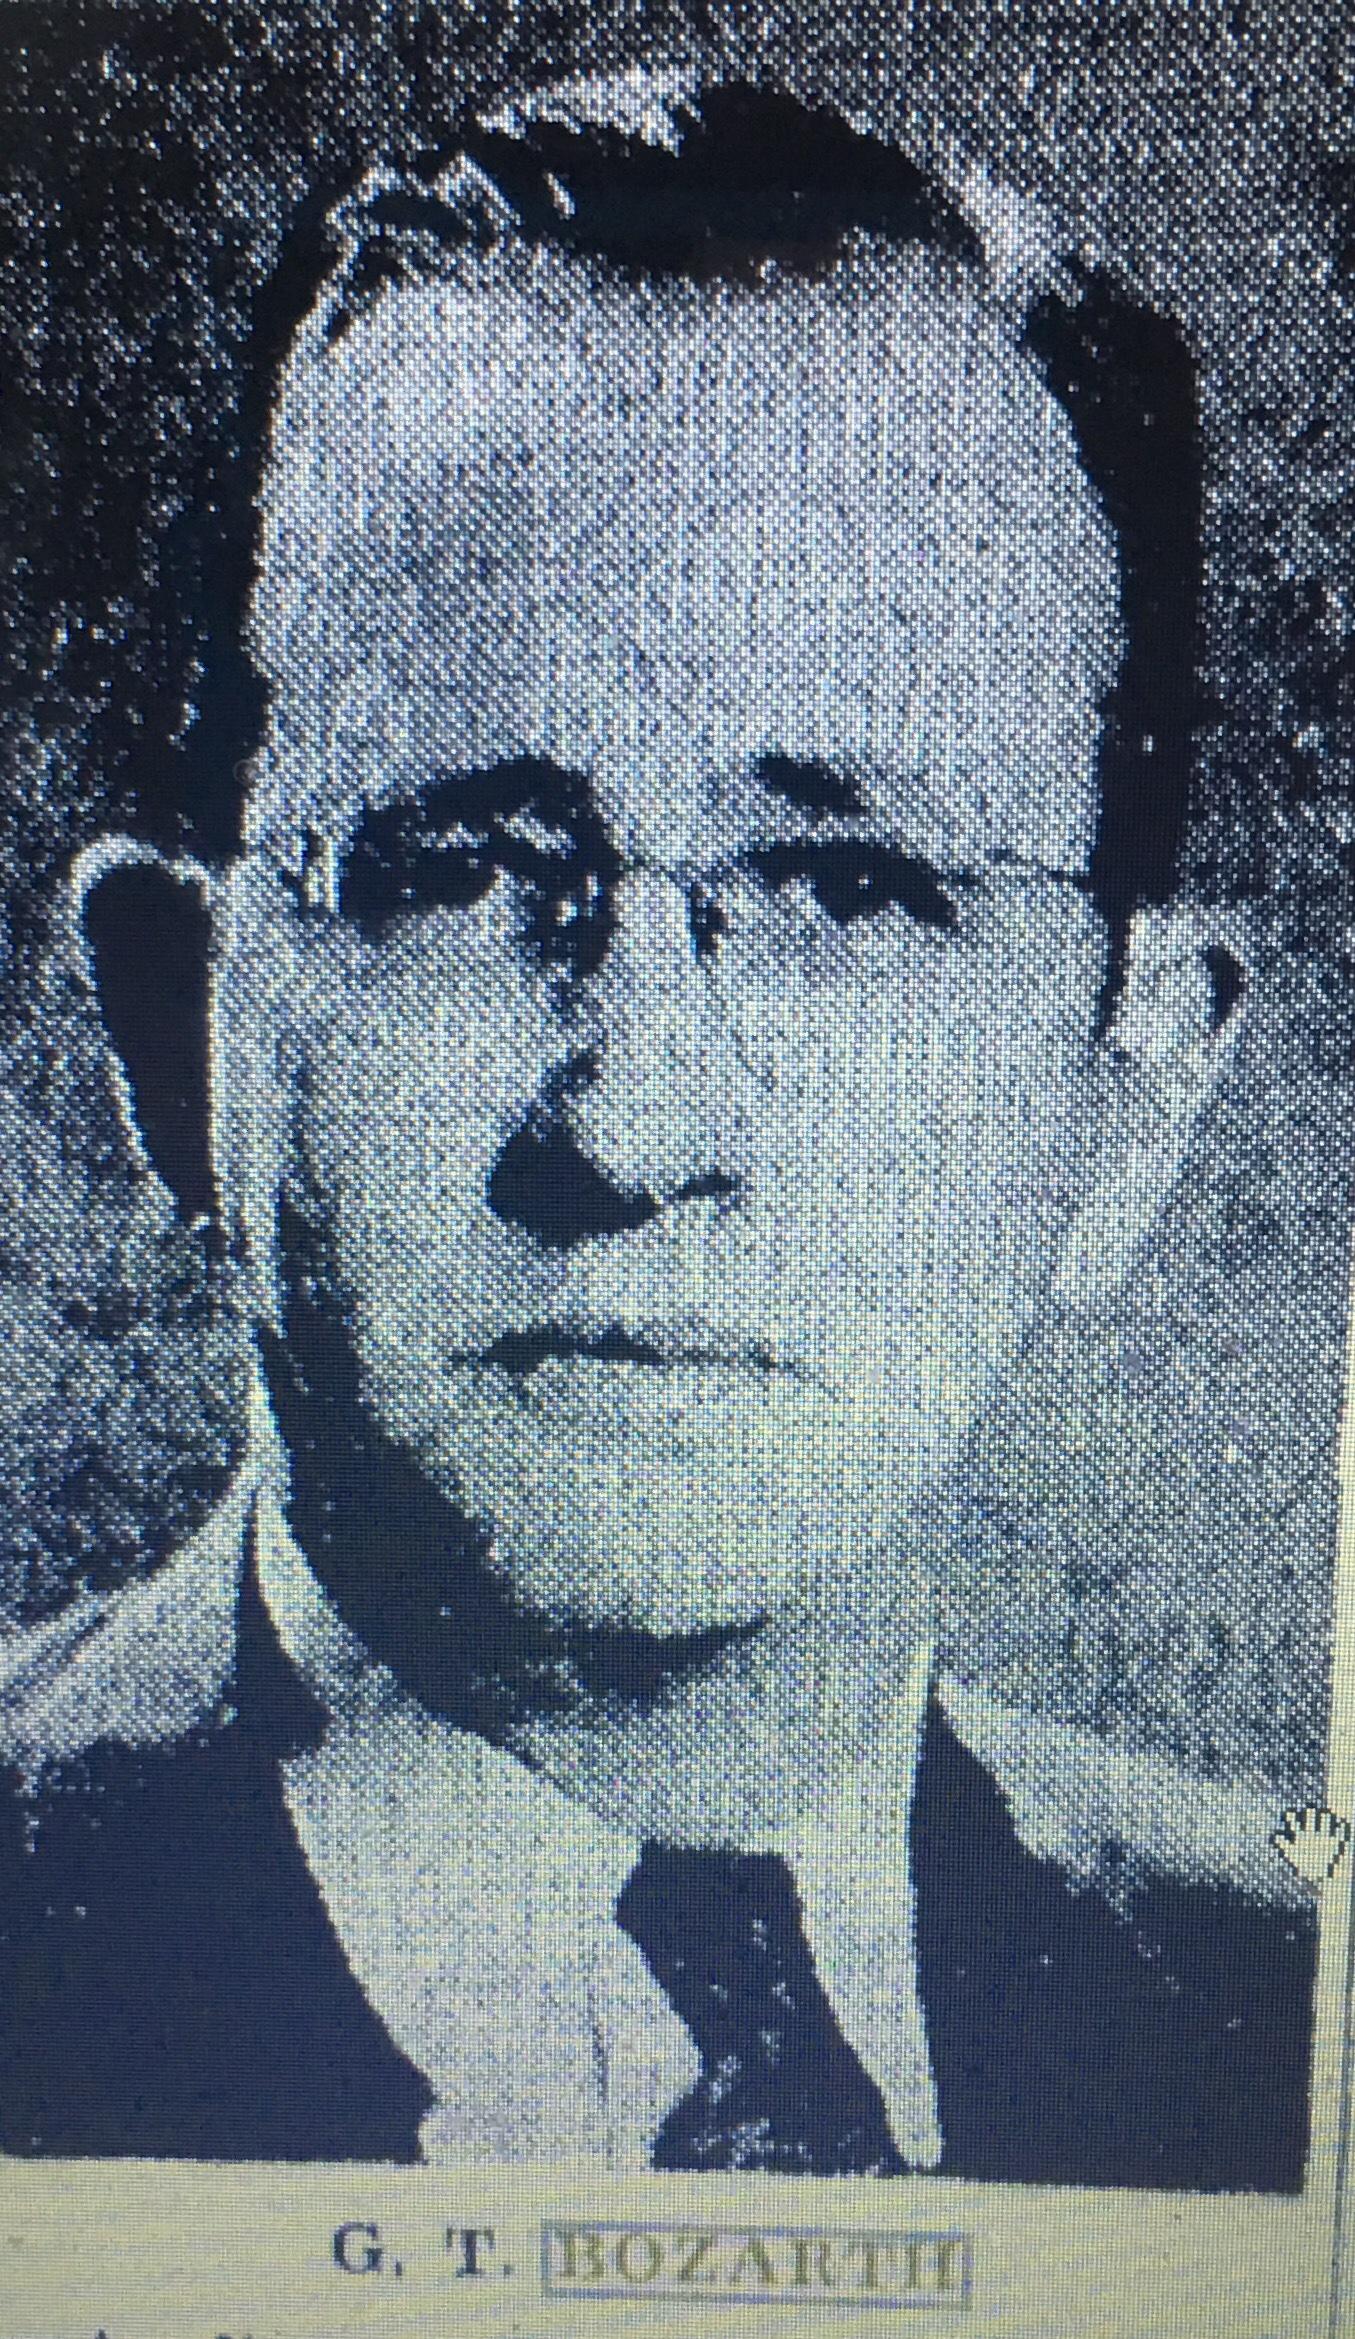 Ed T Bozarth